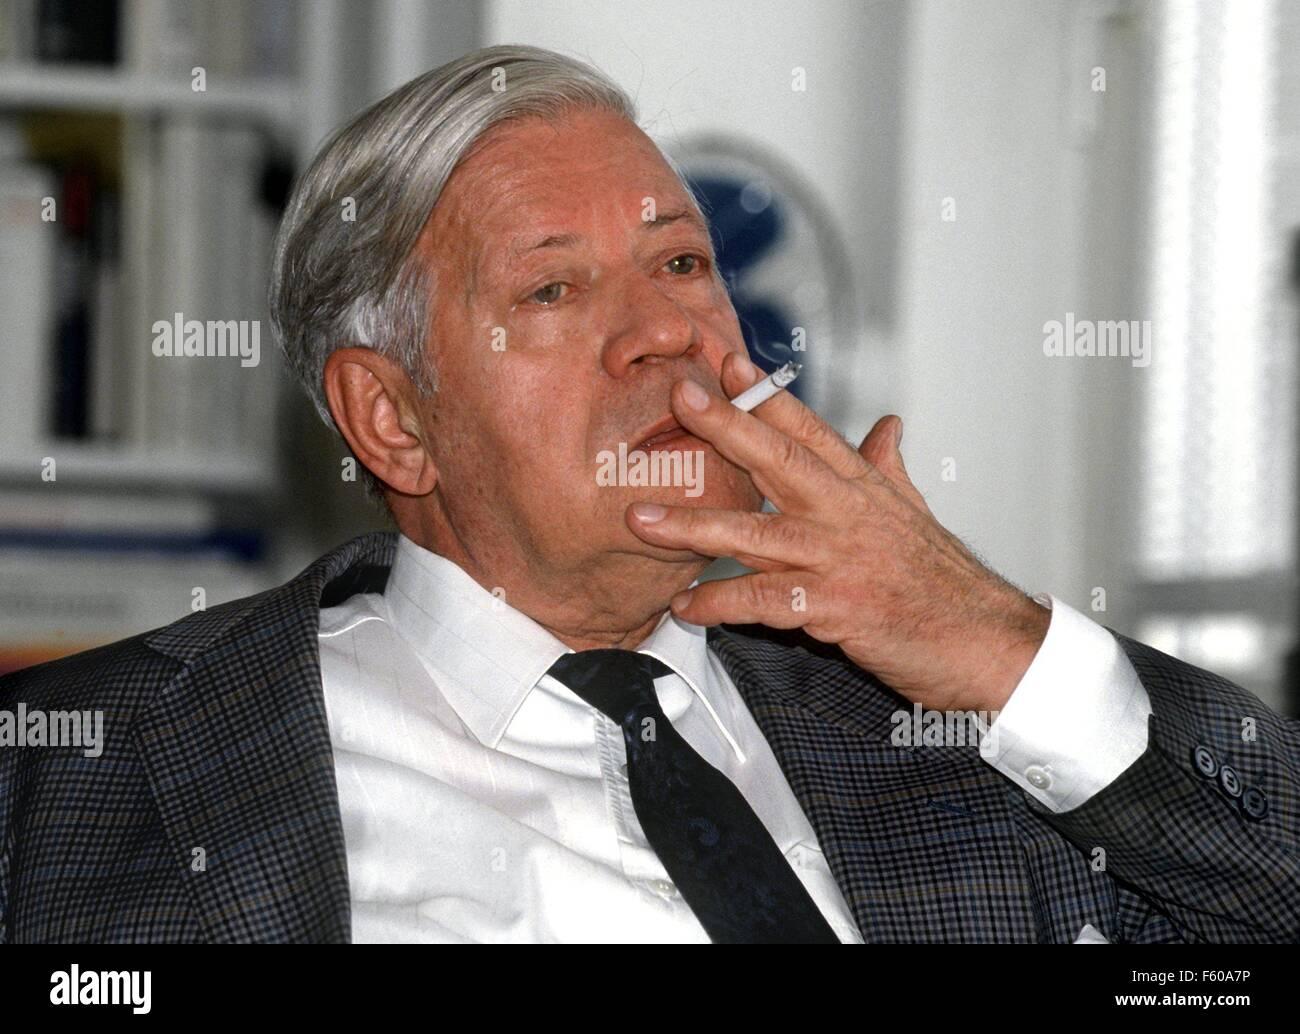 L'ancien chancelier et co-éditeur de 'Die Zeit' Helmut Schmidt (photo du 13 mars 1995) devient 80 ans le 23 décembre 1998. Banque D'Images